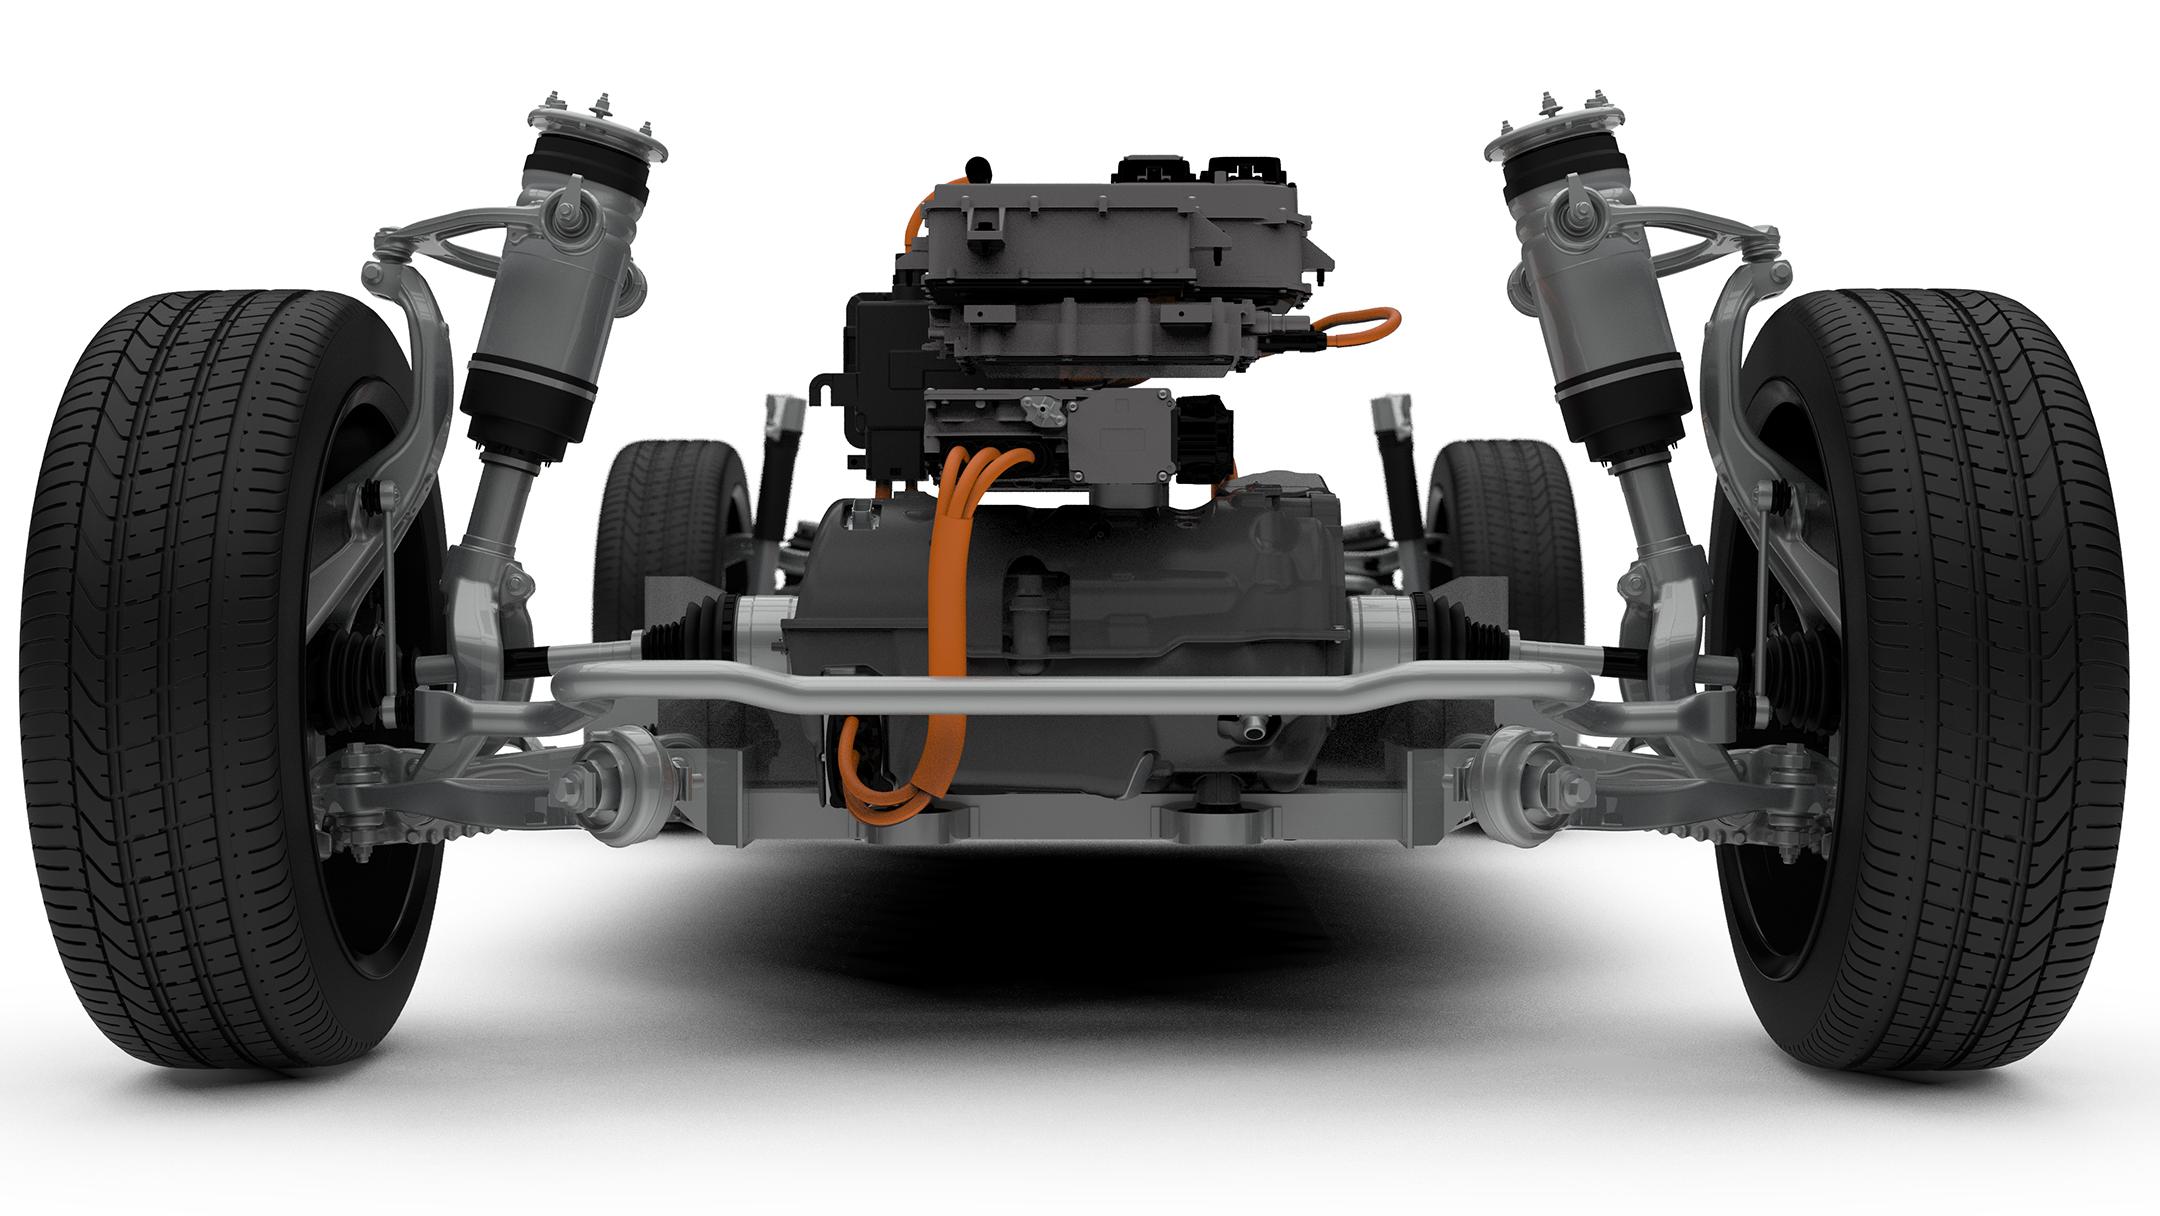 Jaguar I-PACE - 2018 - electro mecanichal powertrain - front wheels